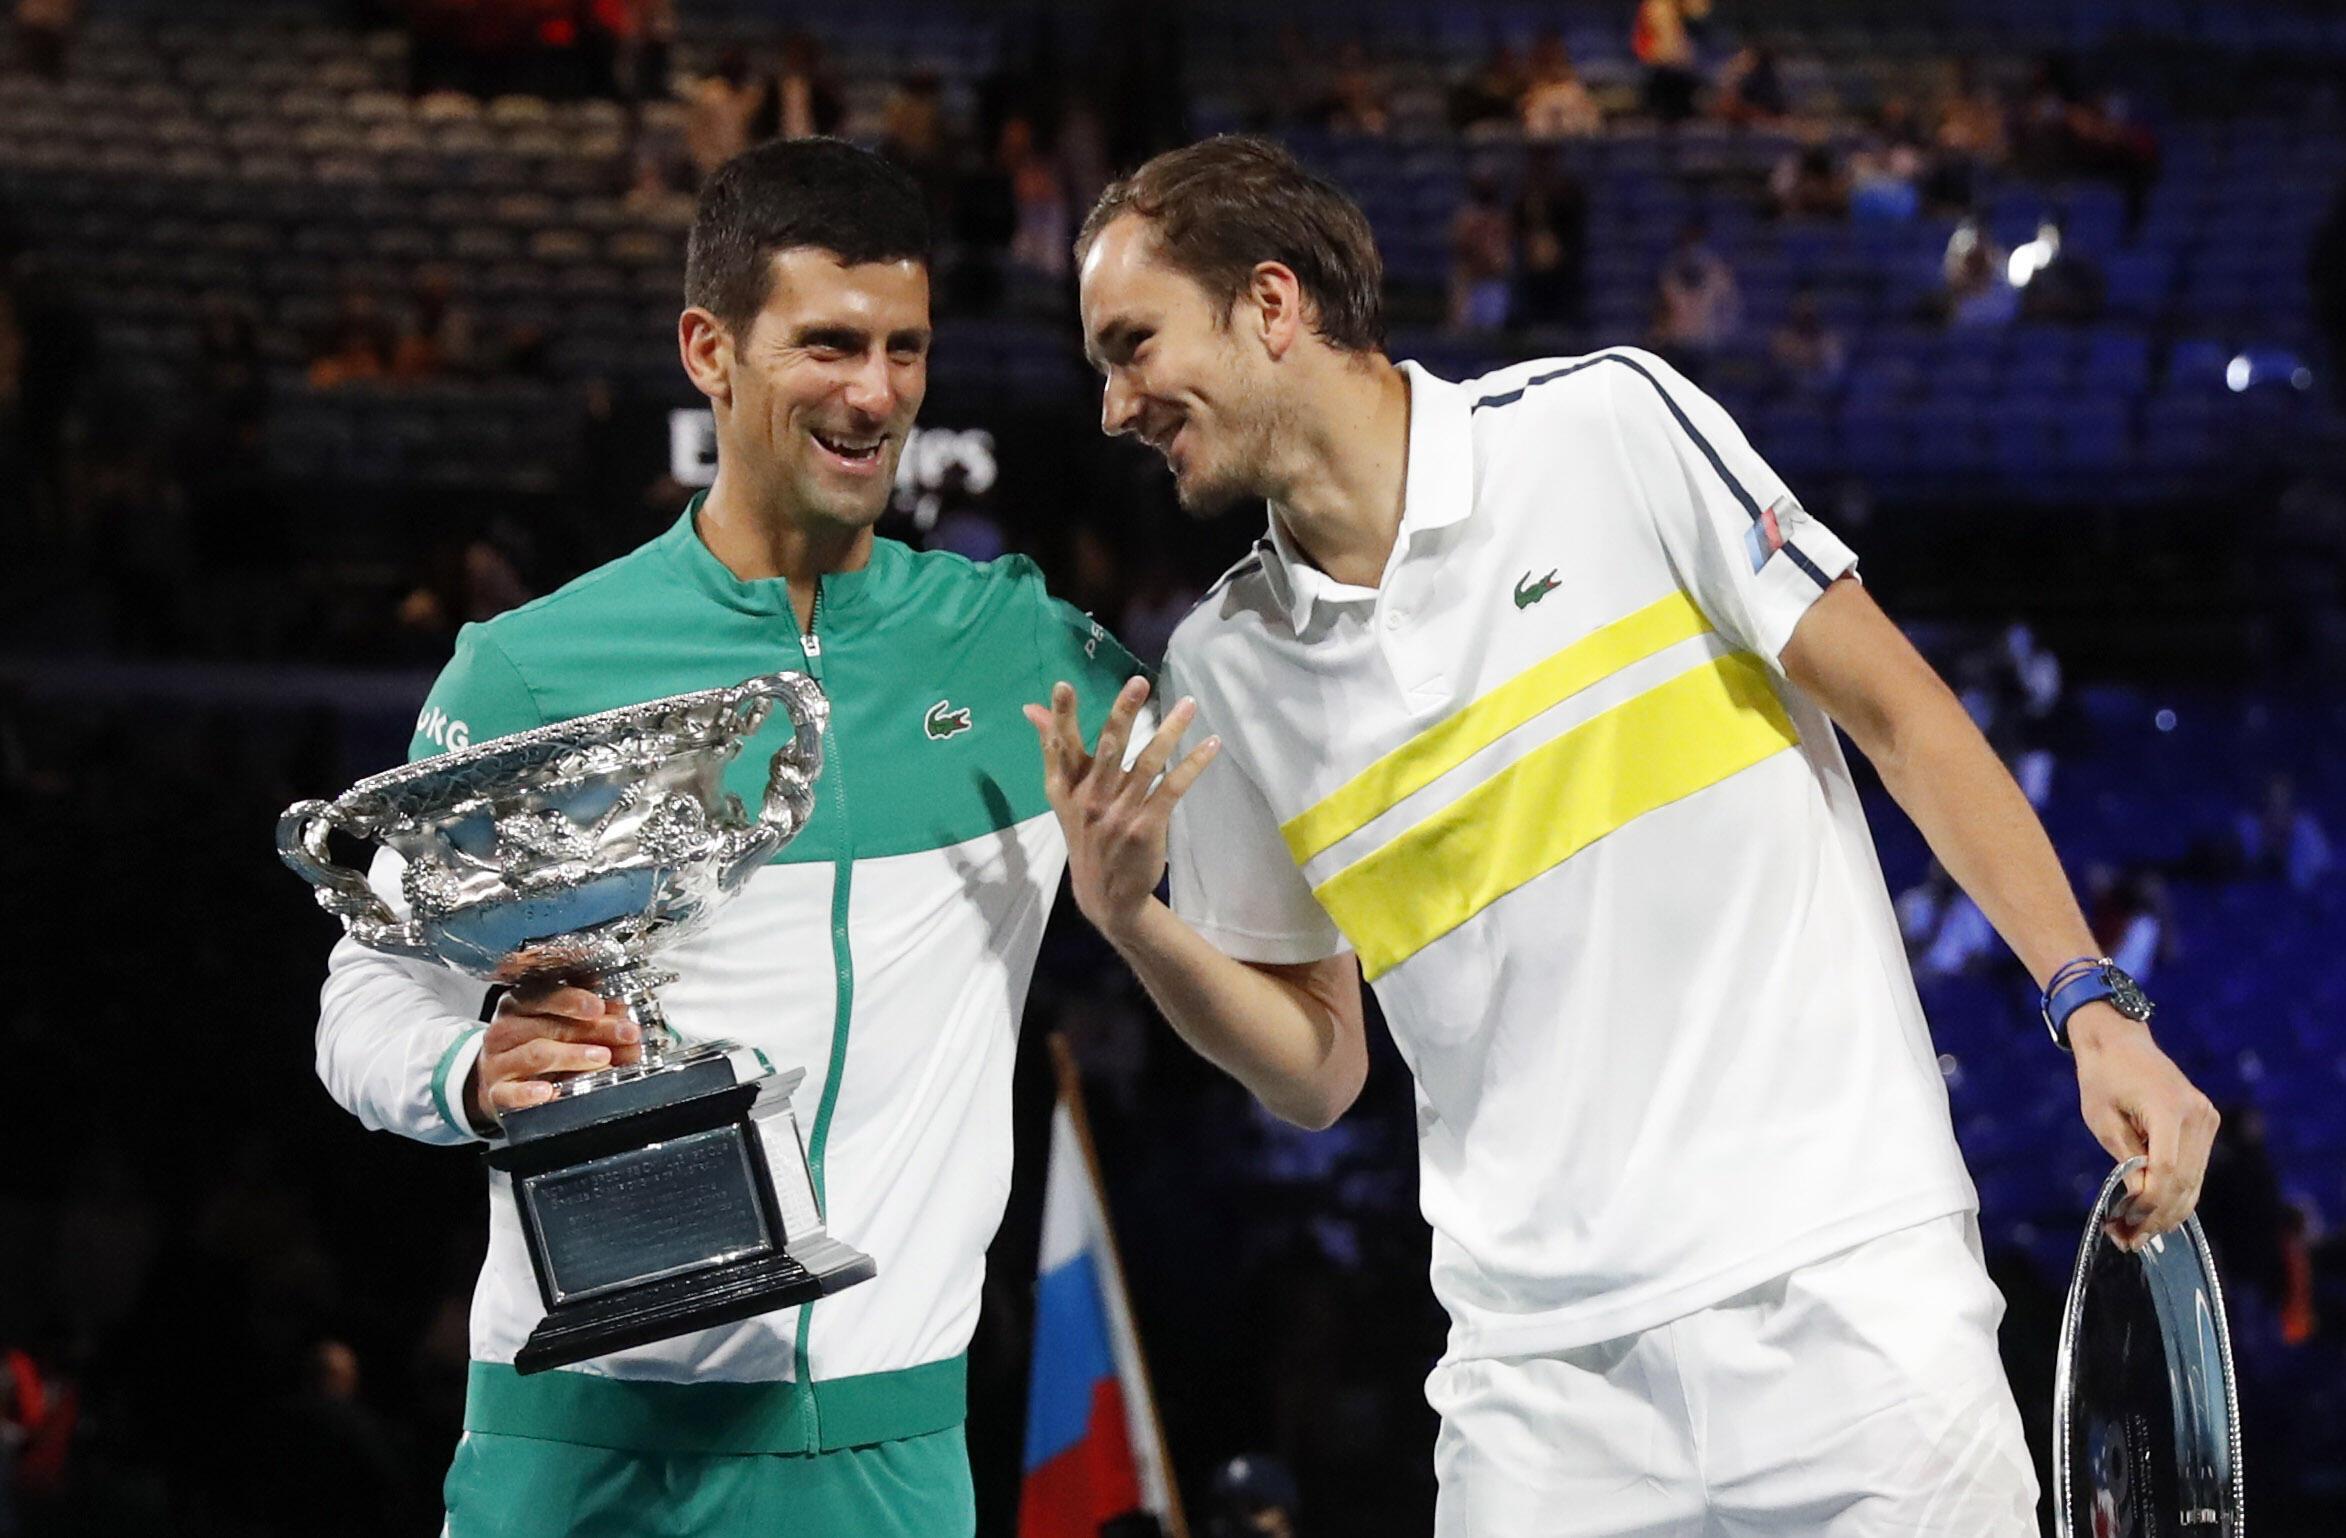 El ganador del torneo, el serbio Novak Djokovic, y el subcampeón, el ruso Daniil Medvedev, sostienen sus trofeos tras su partido final.